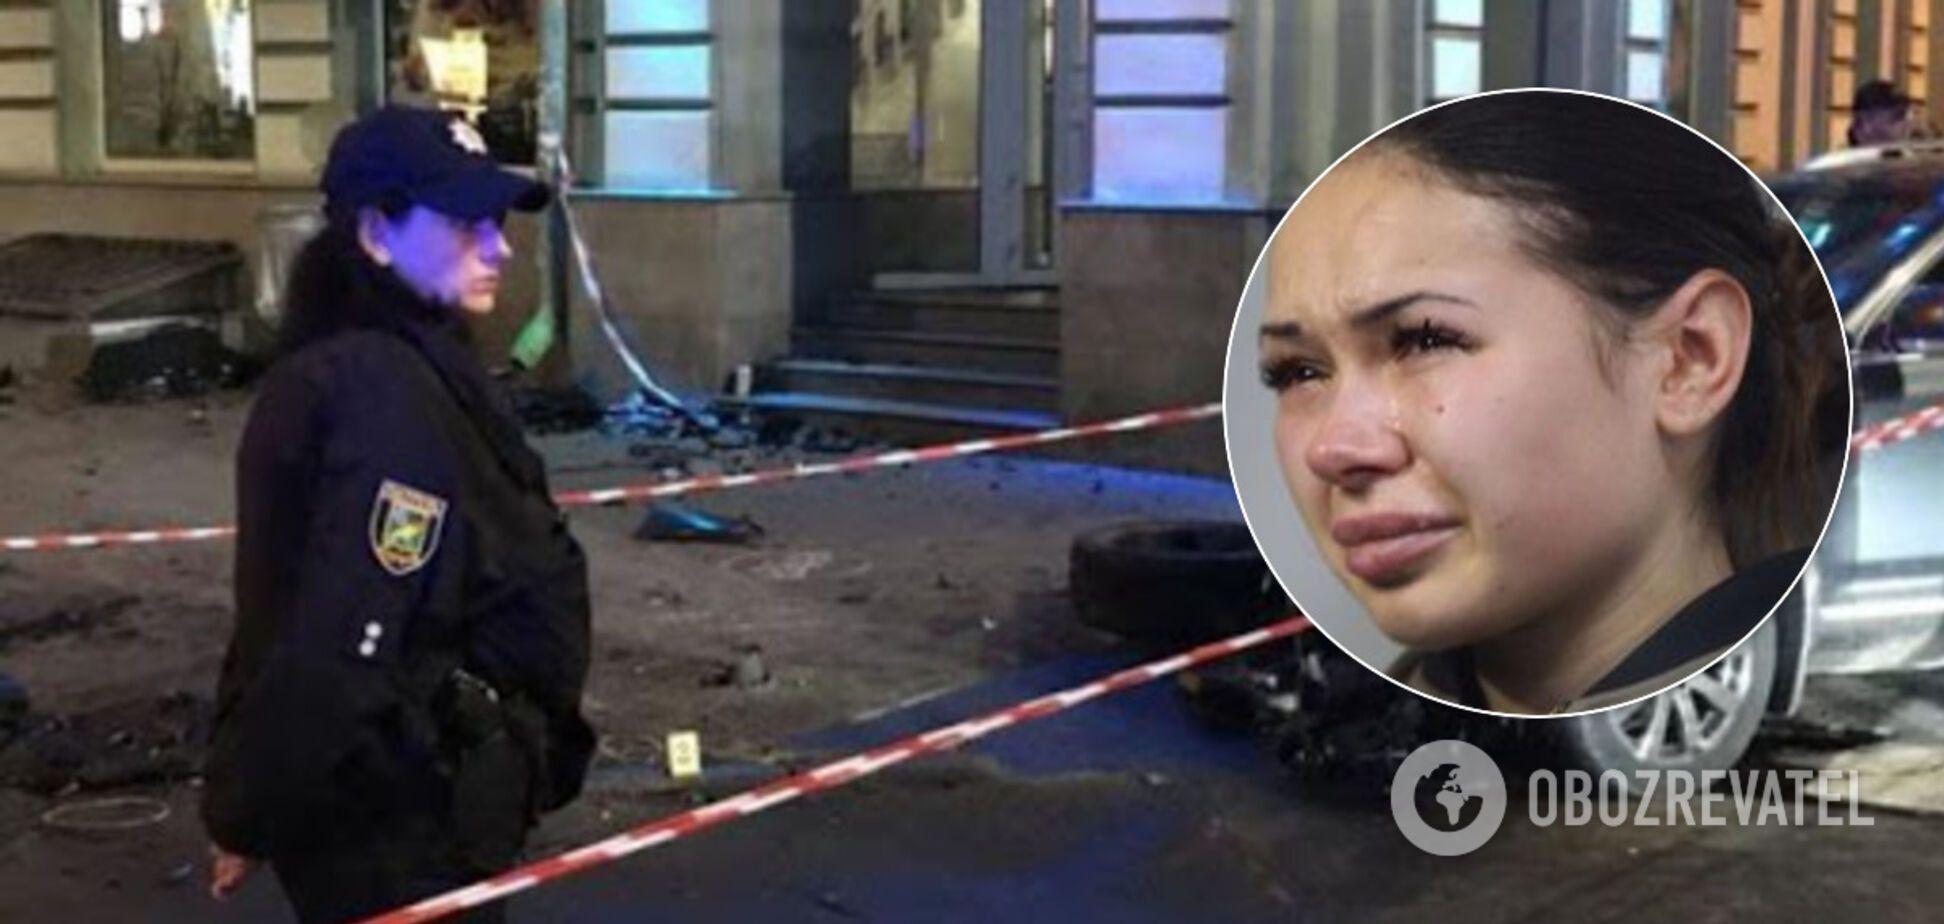 Зайцева заплатила пострадавшим в смертельном ДТП по 30 грн, – адвокат